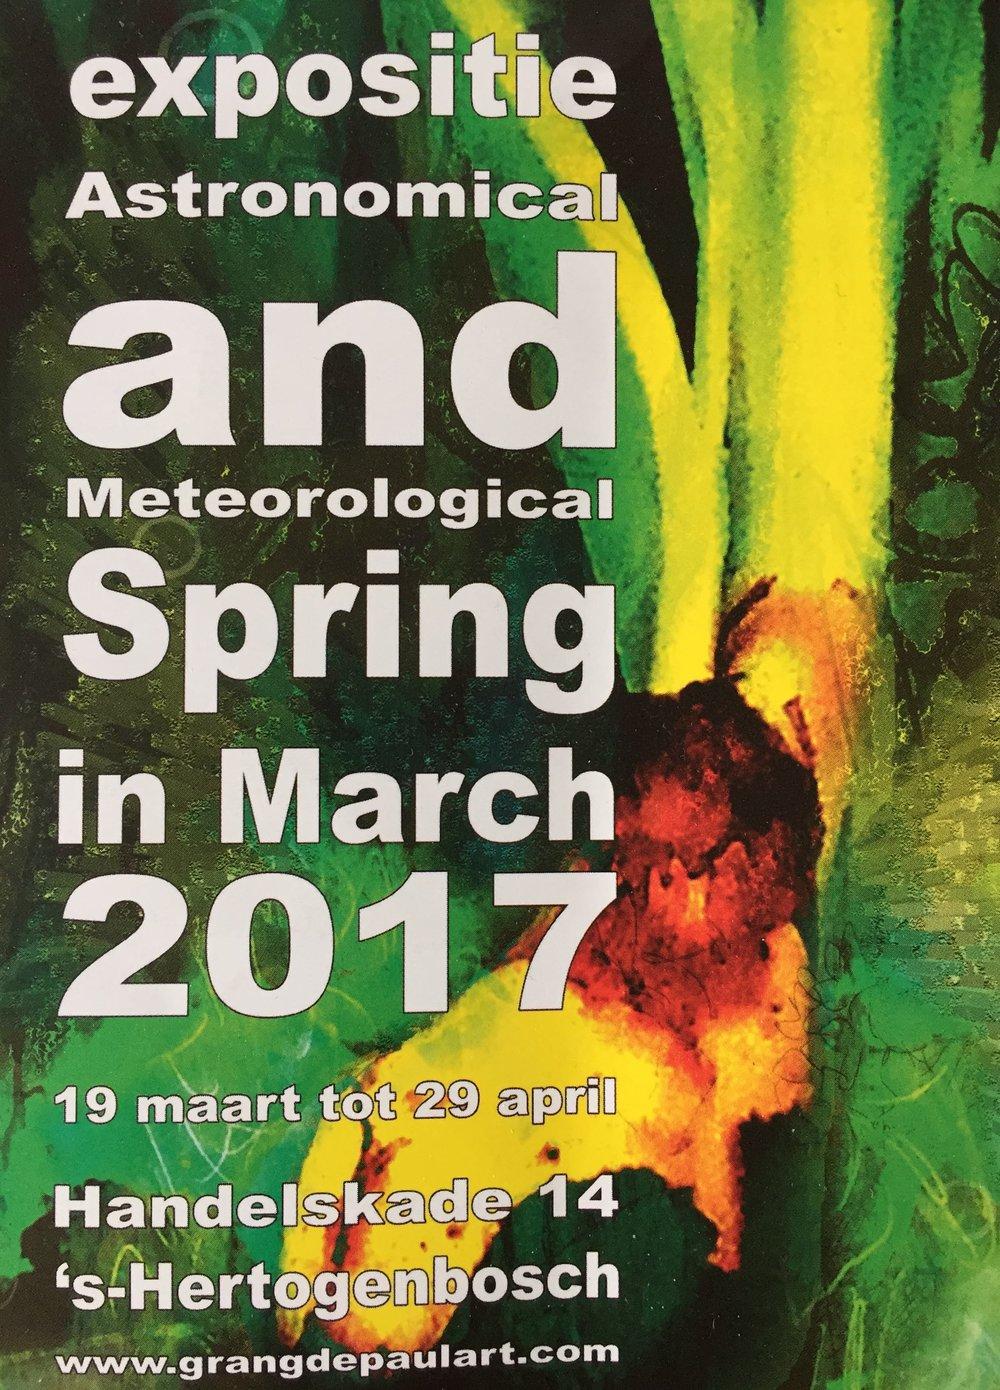 2017 March 25 _ Affiche.jpg